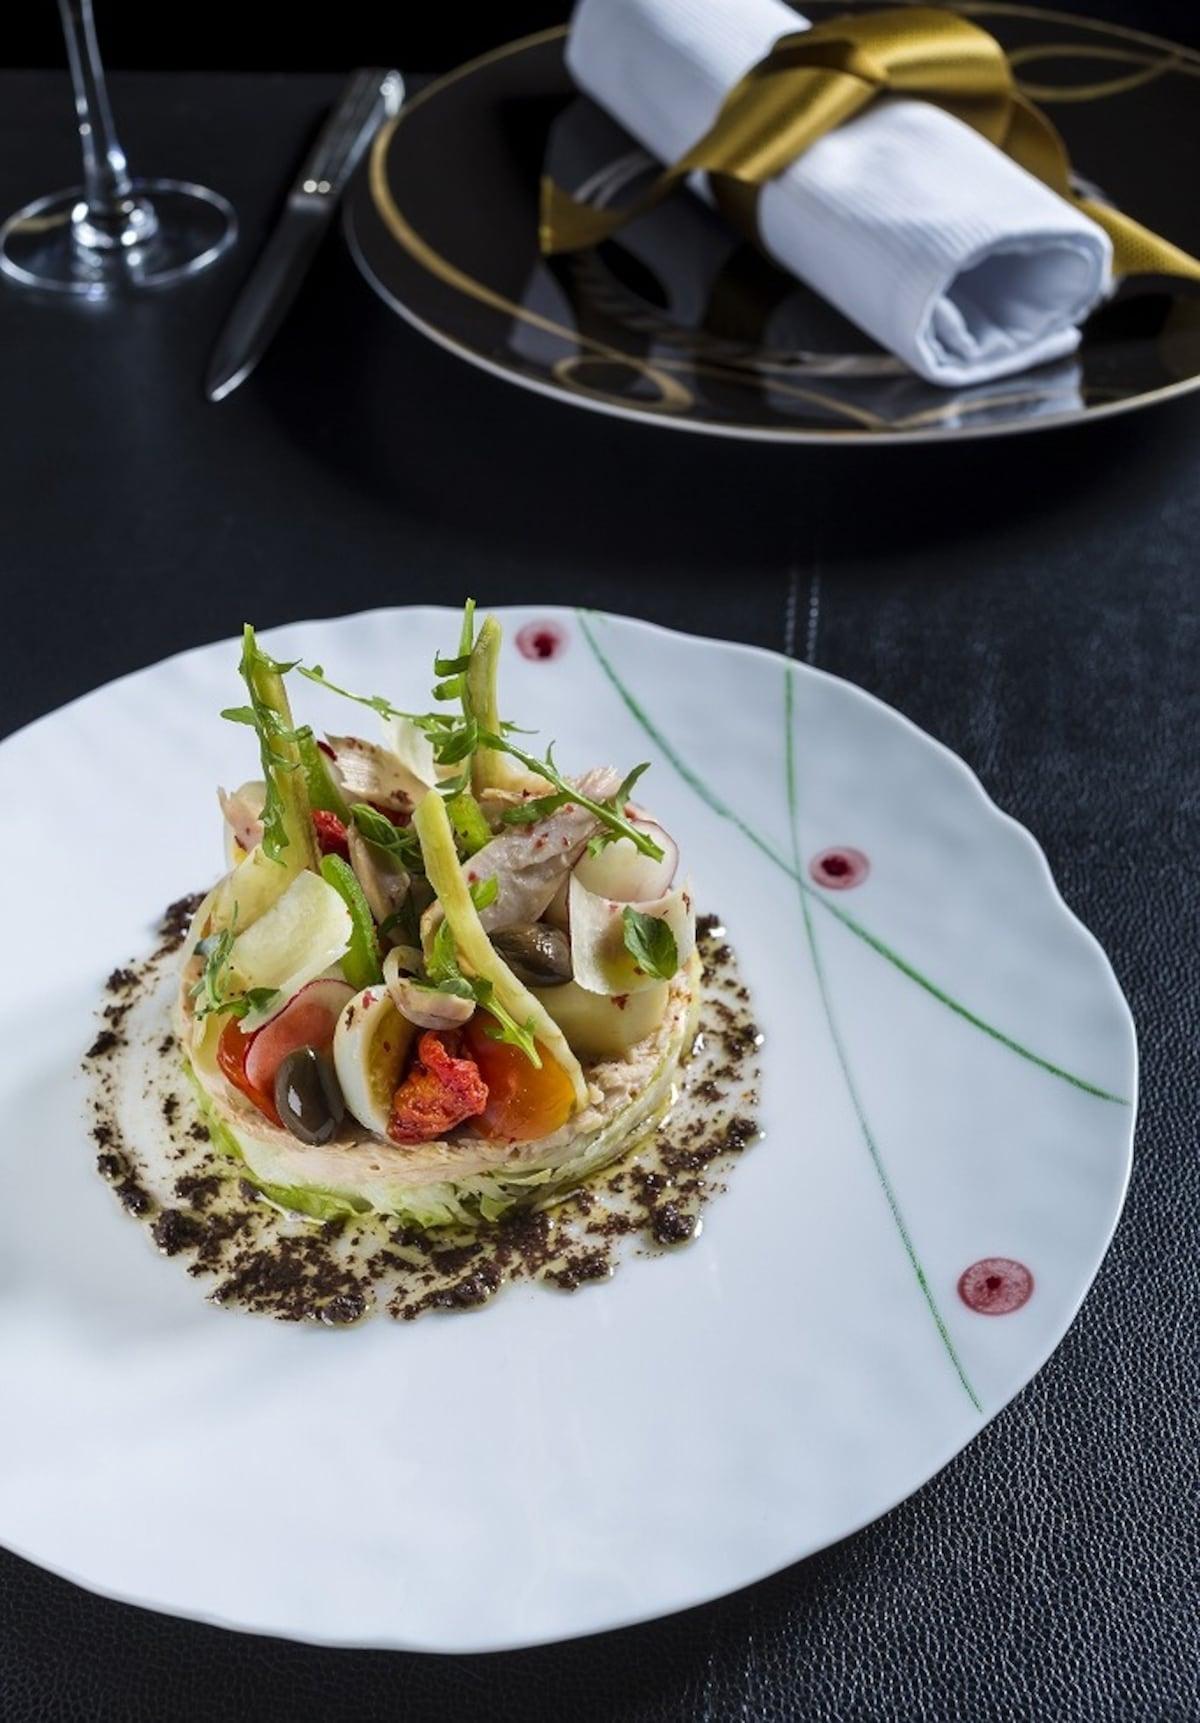 L'Atelier de Joël Robuchon เวิร์กช็อปอาหารโดยเชฟระดับแถวหน้าของโลก